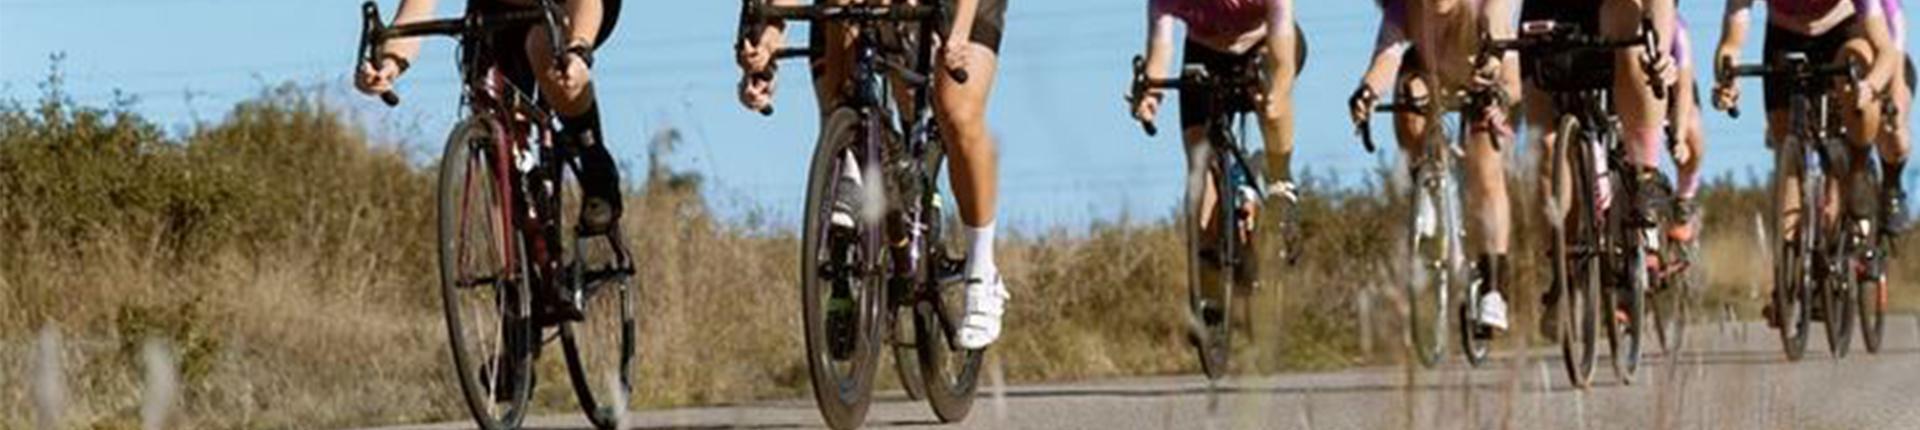 LPEV soutient le Ride des Colibris, un tour de France en vélo pour communiquer sur le cancer pédiatrique